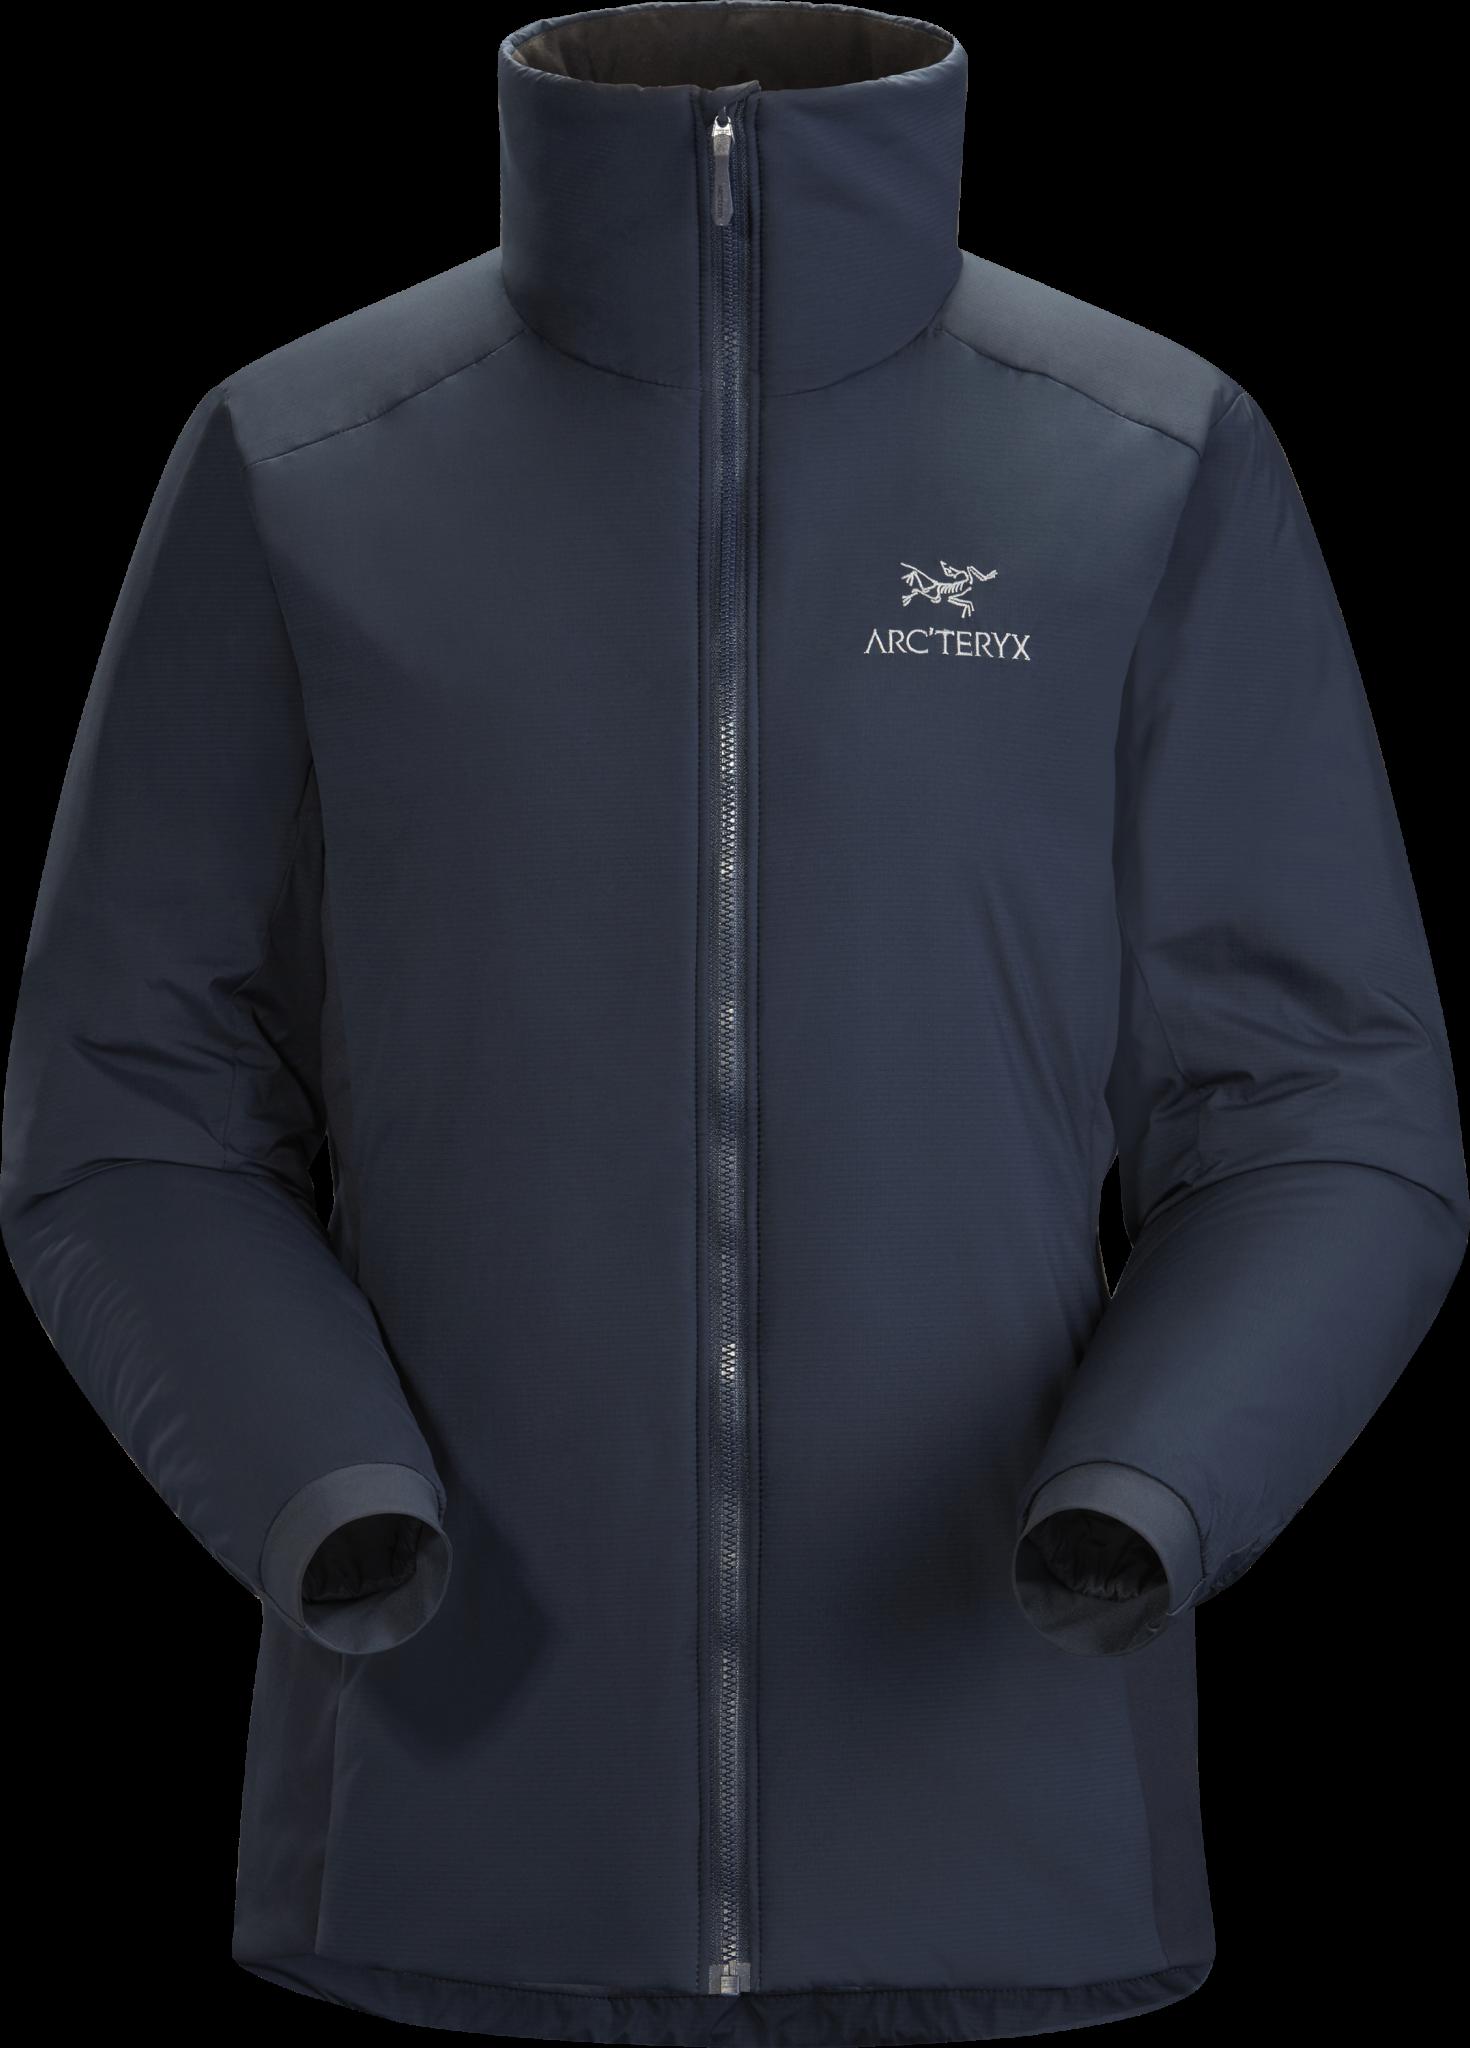 Arc'teryx Atom LT Jacket Women's-2